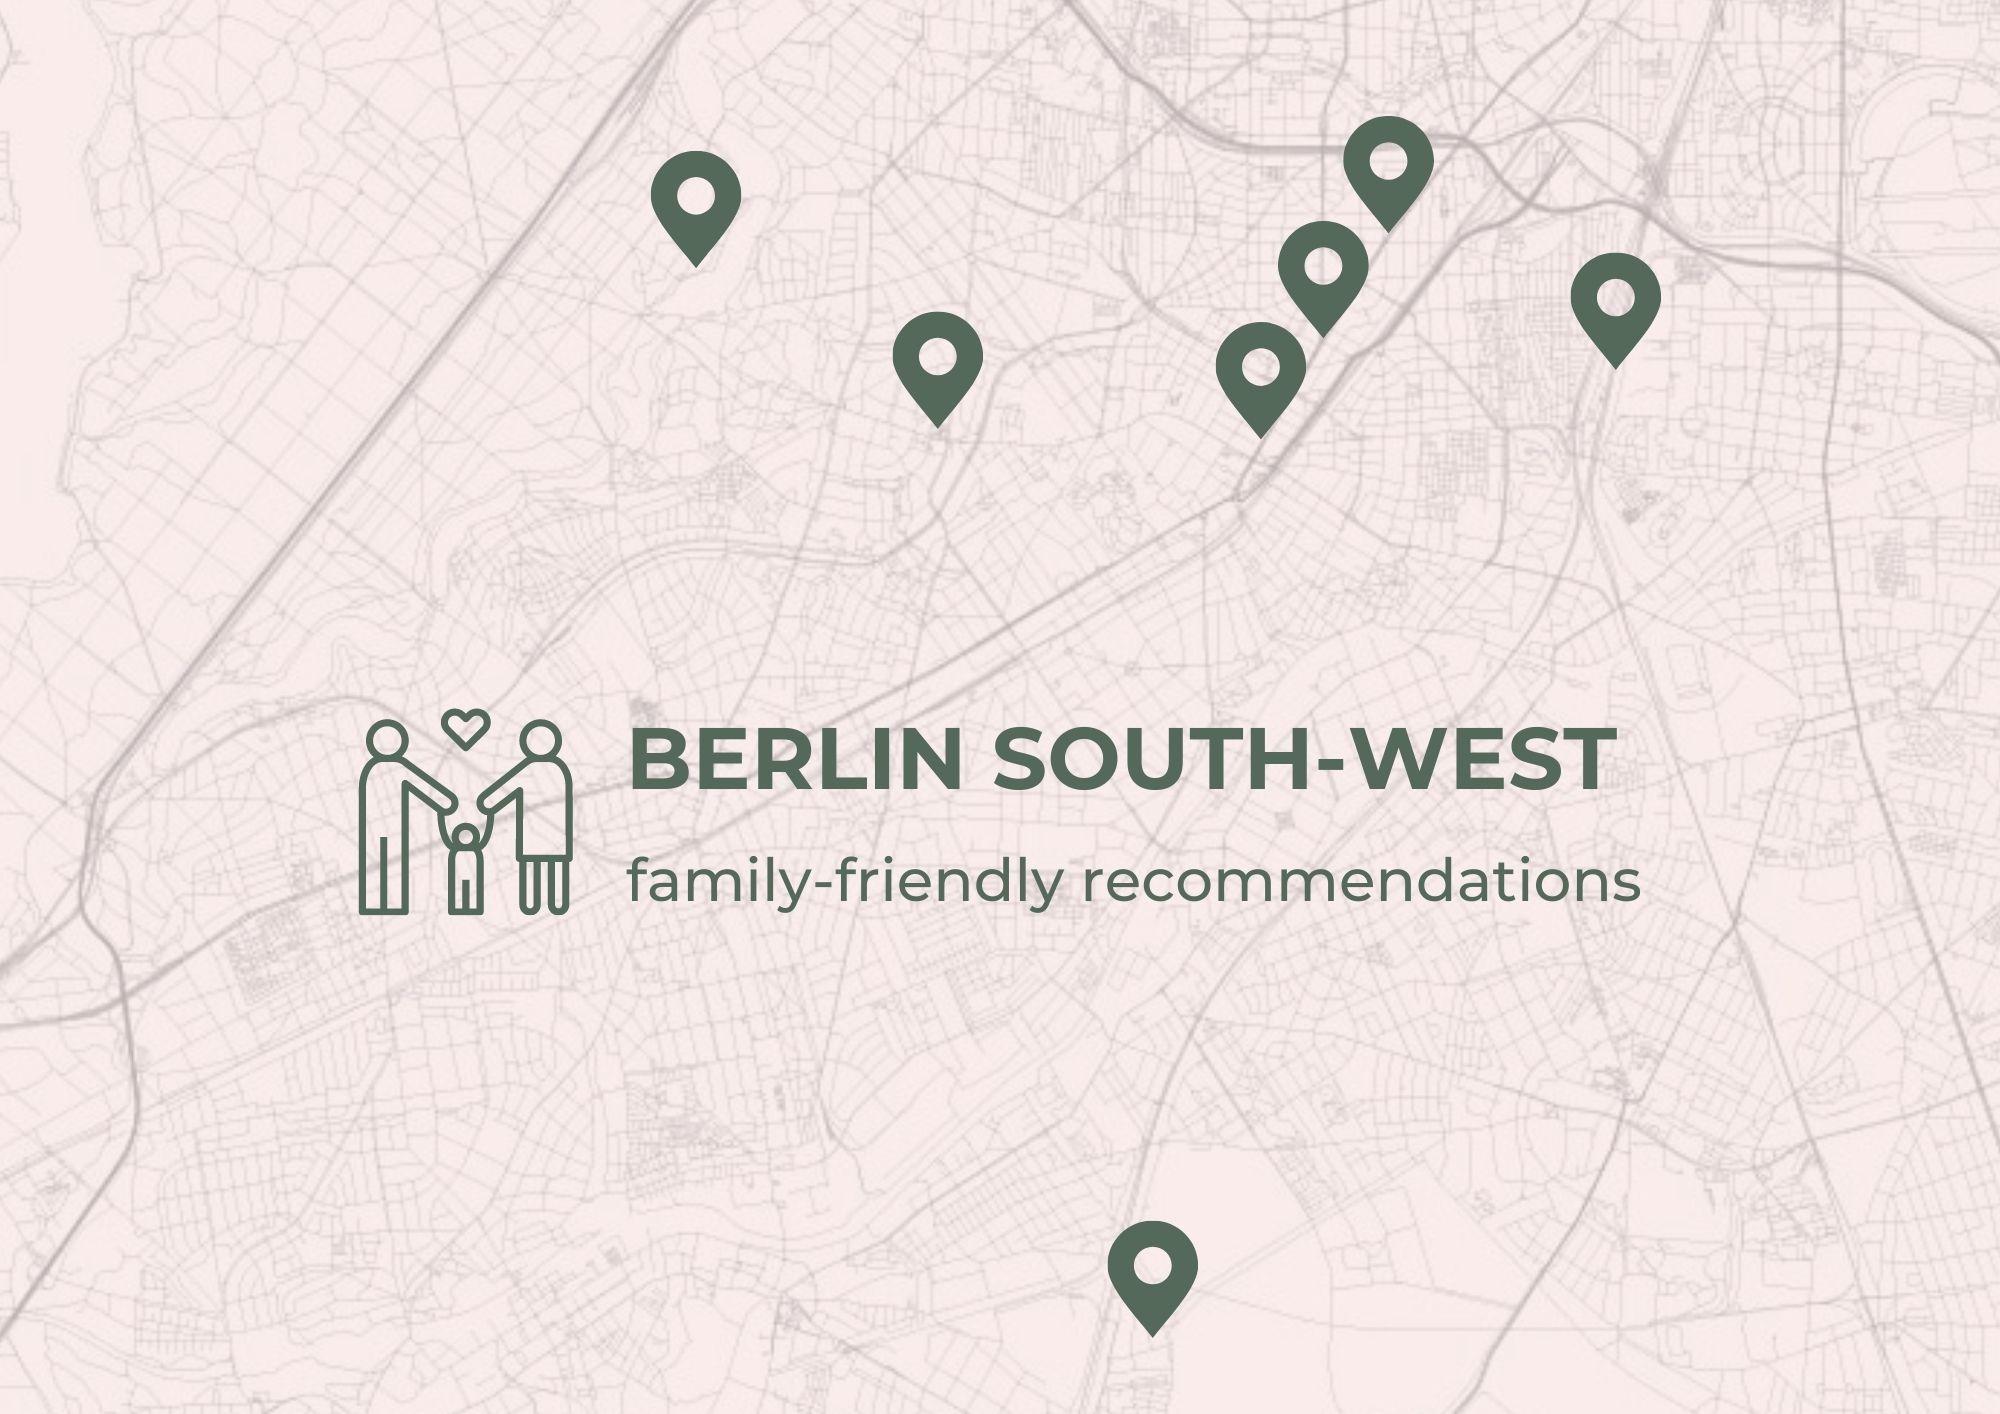 Southwest Berlin map